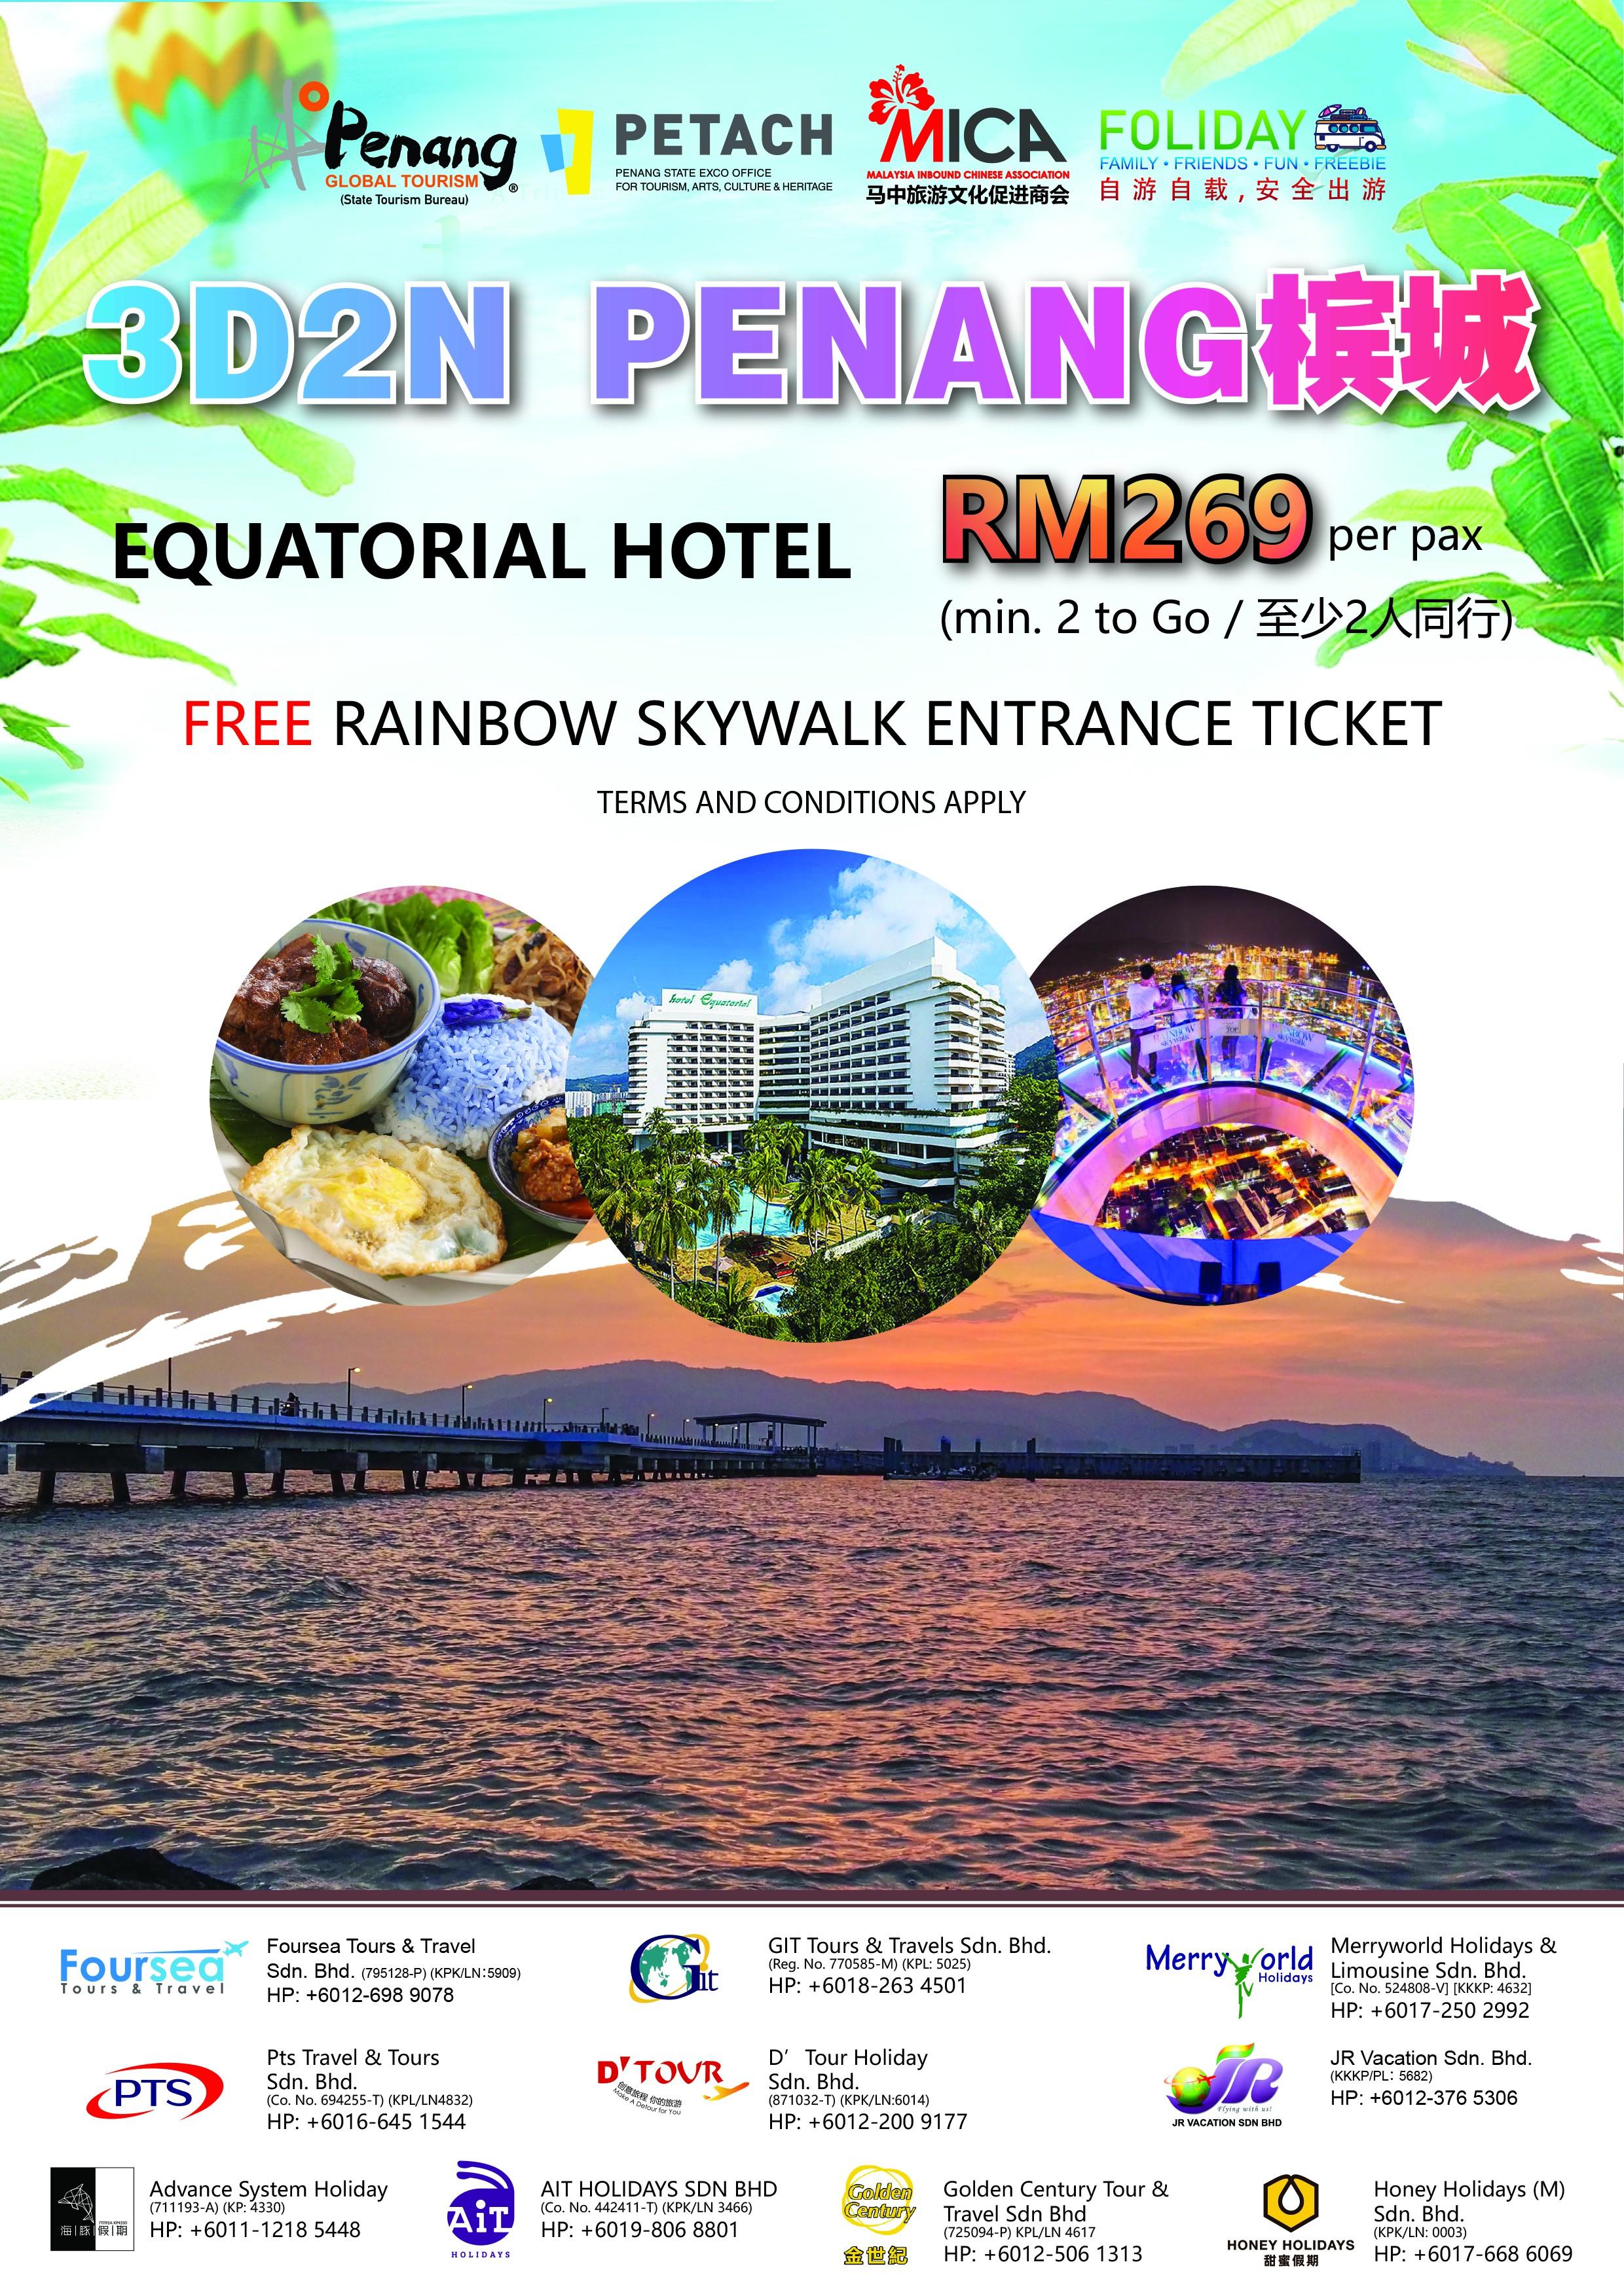 3D2N Penang - Equatorial Hotel